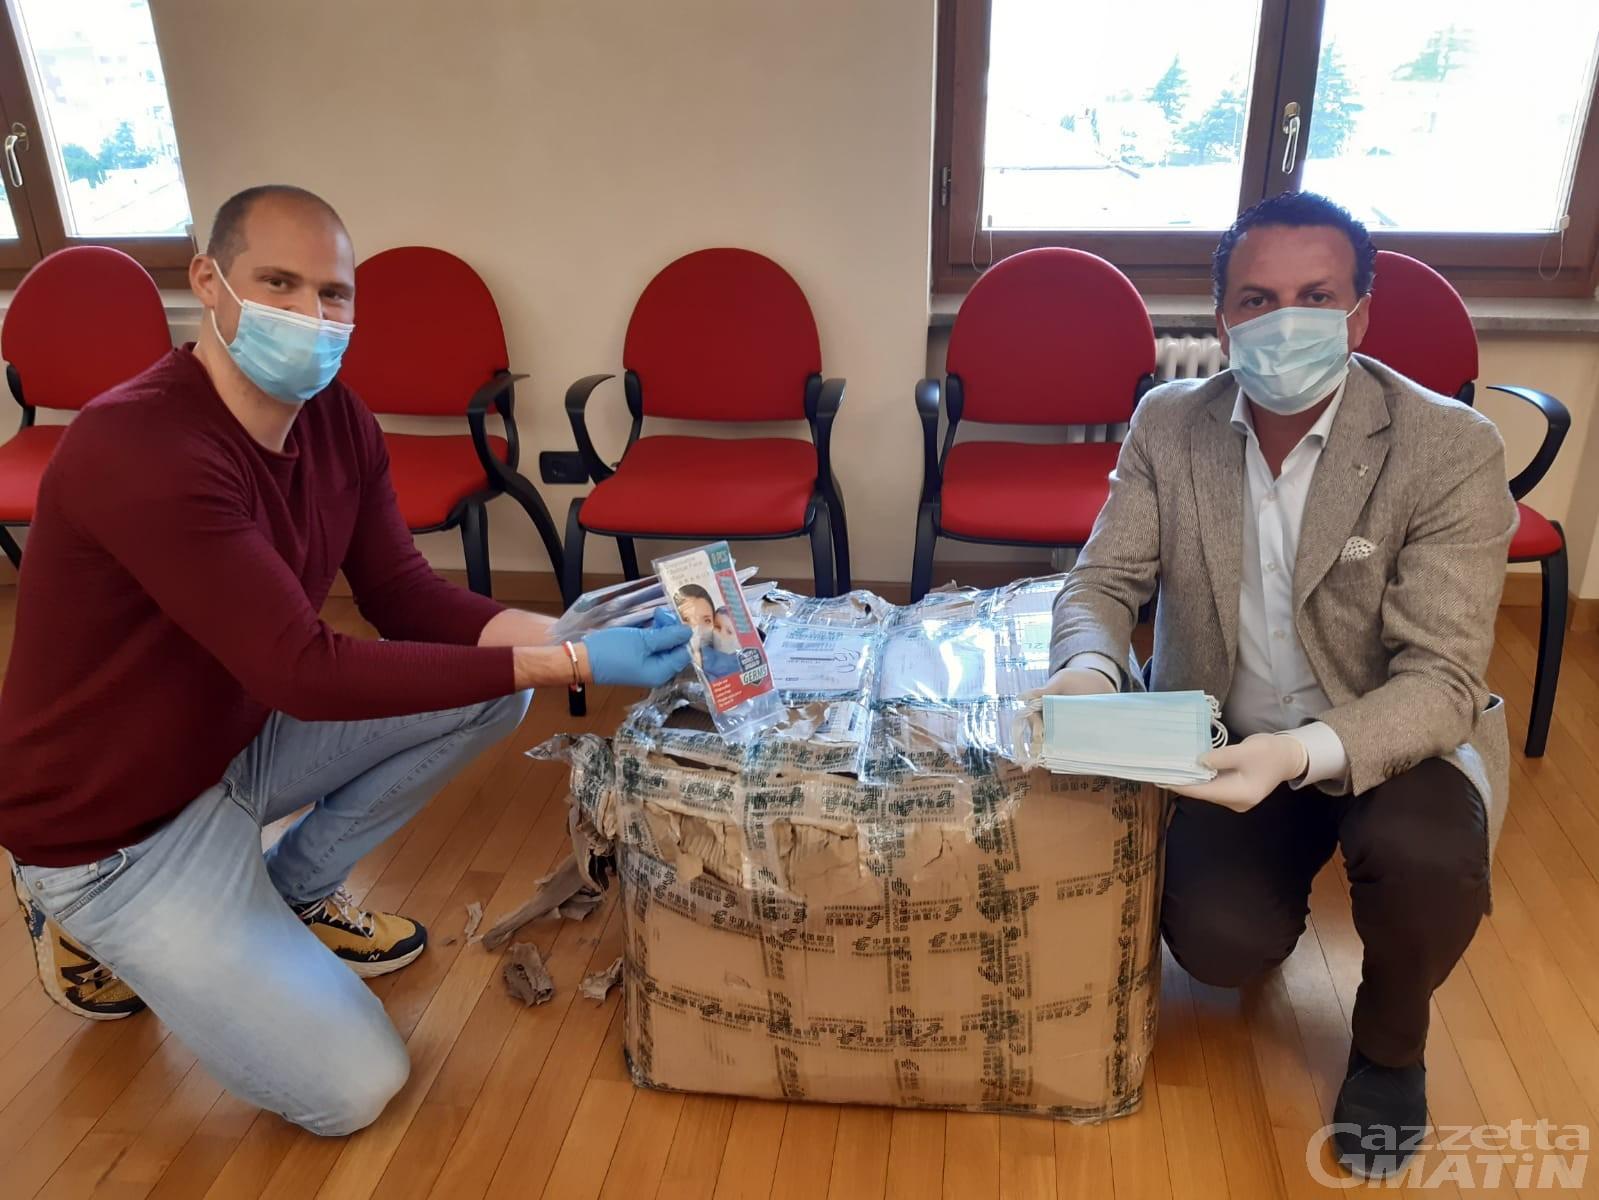 Coronavirus, solidarietà: dalla Cina 2.000 mascherine per Verrès